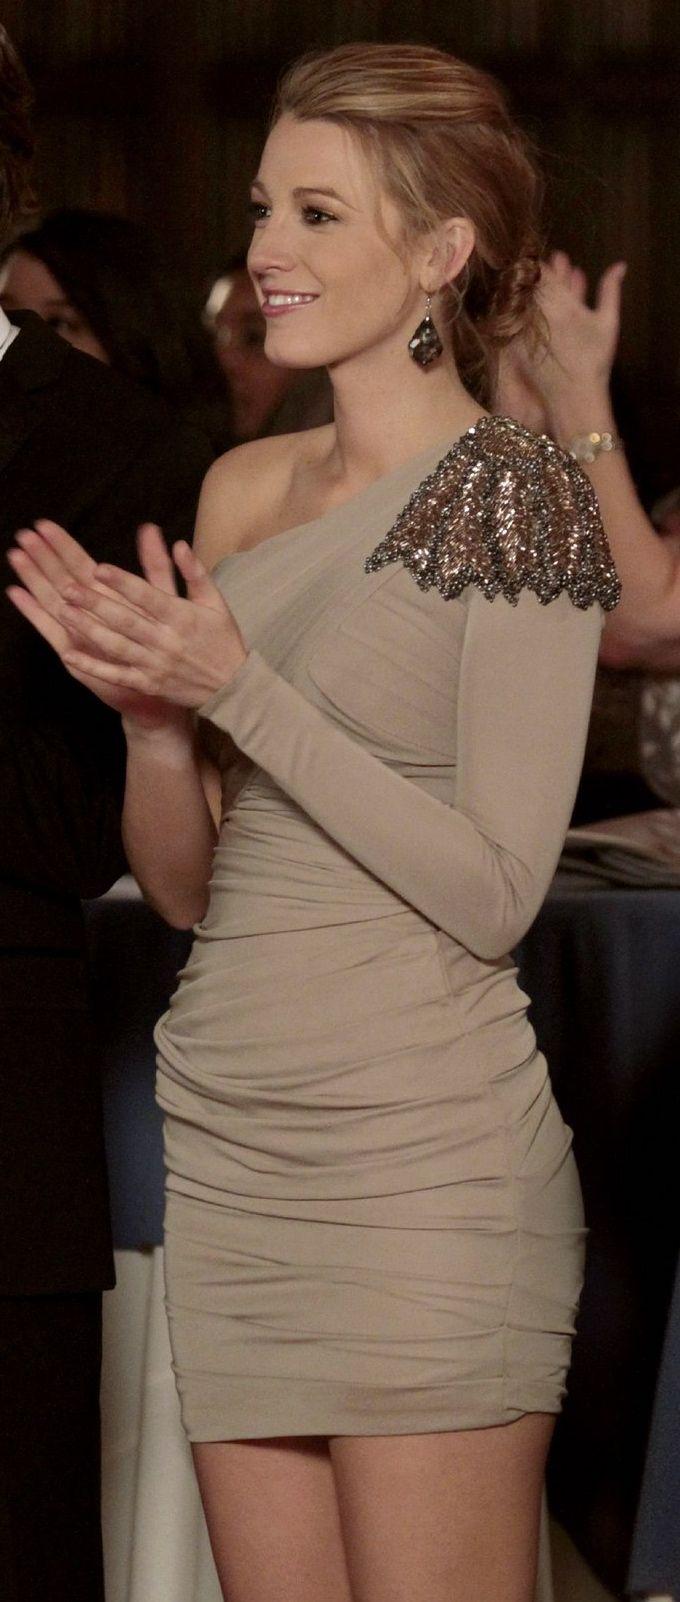 Serena Van Der Woodsen Closet #BlakeLively #GossipGirl #Style